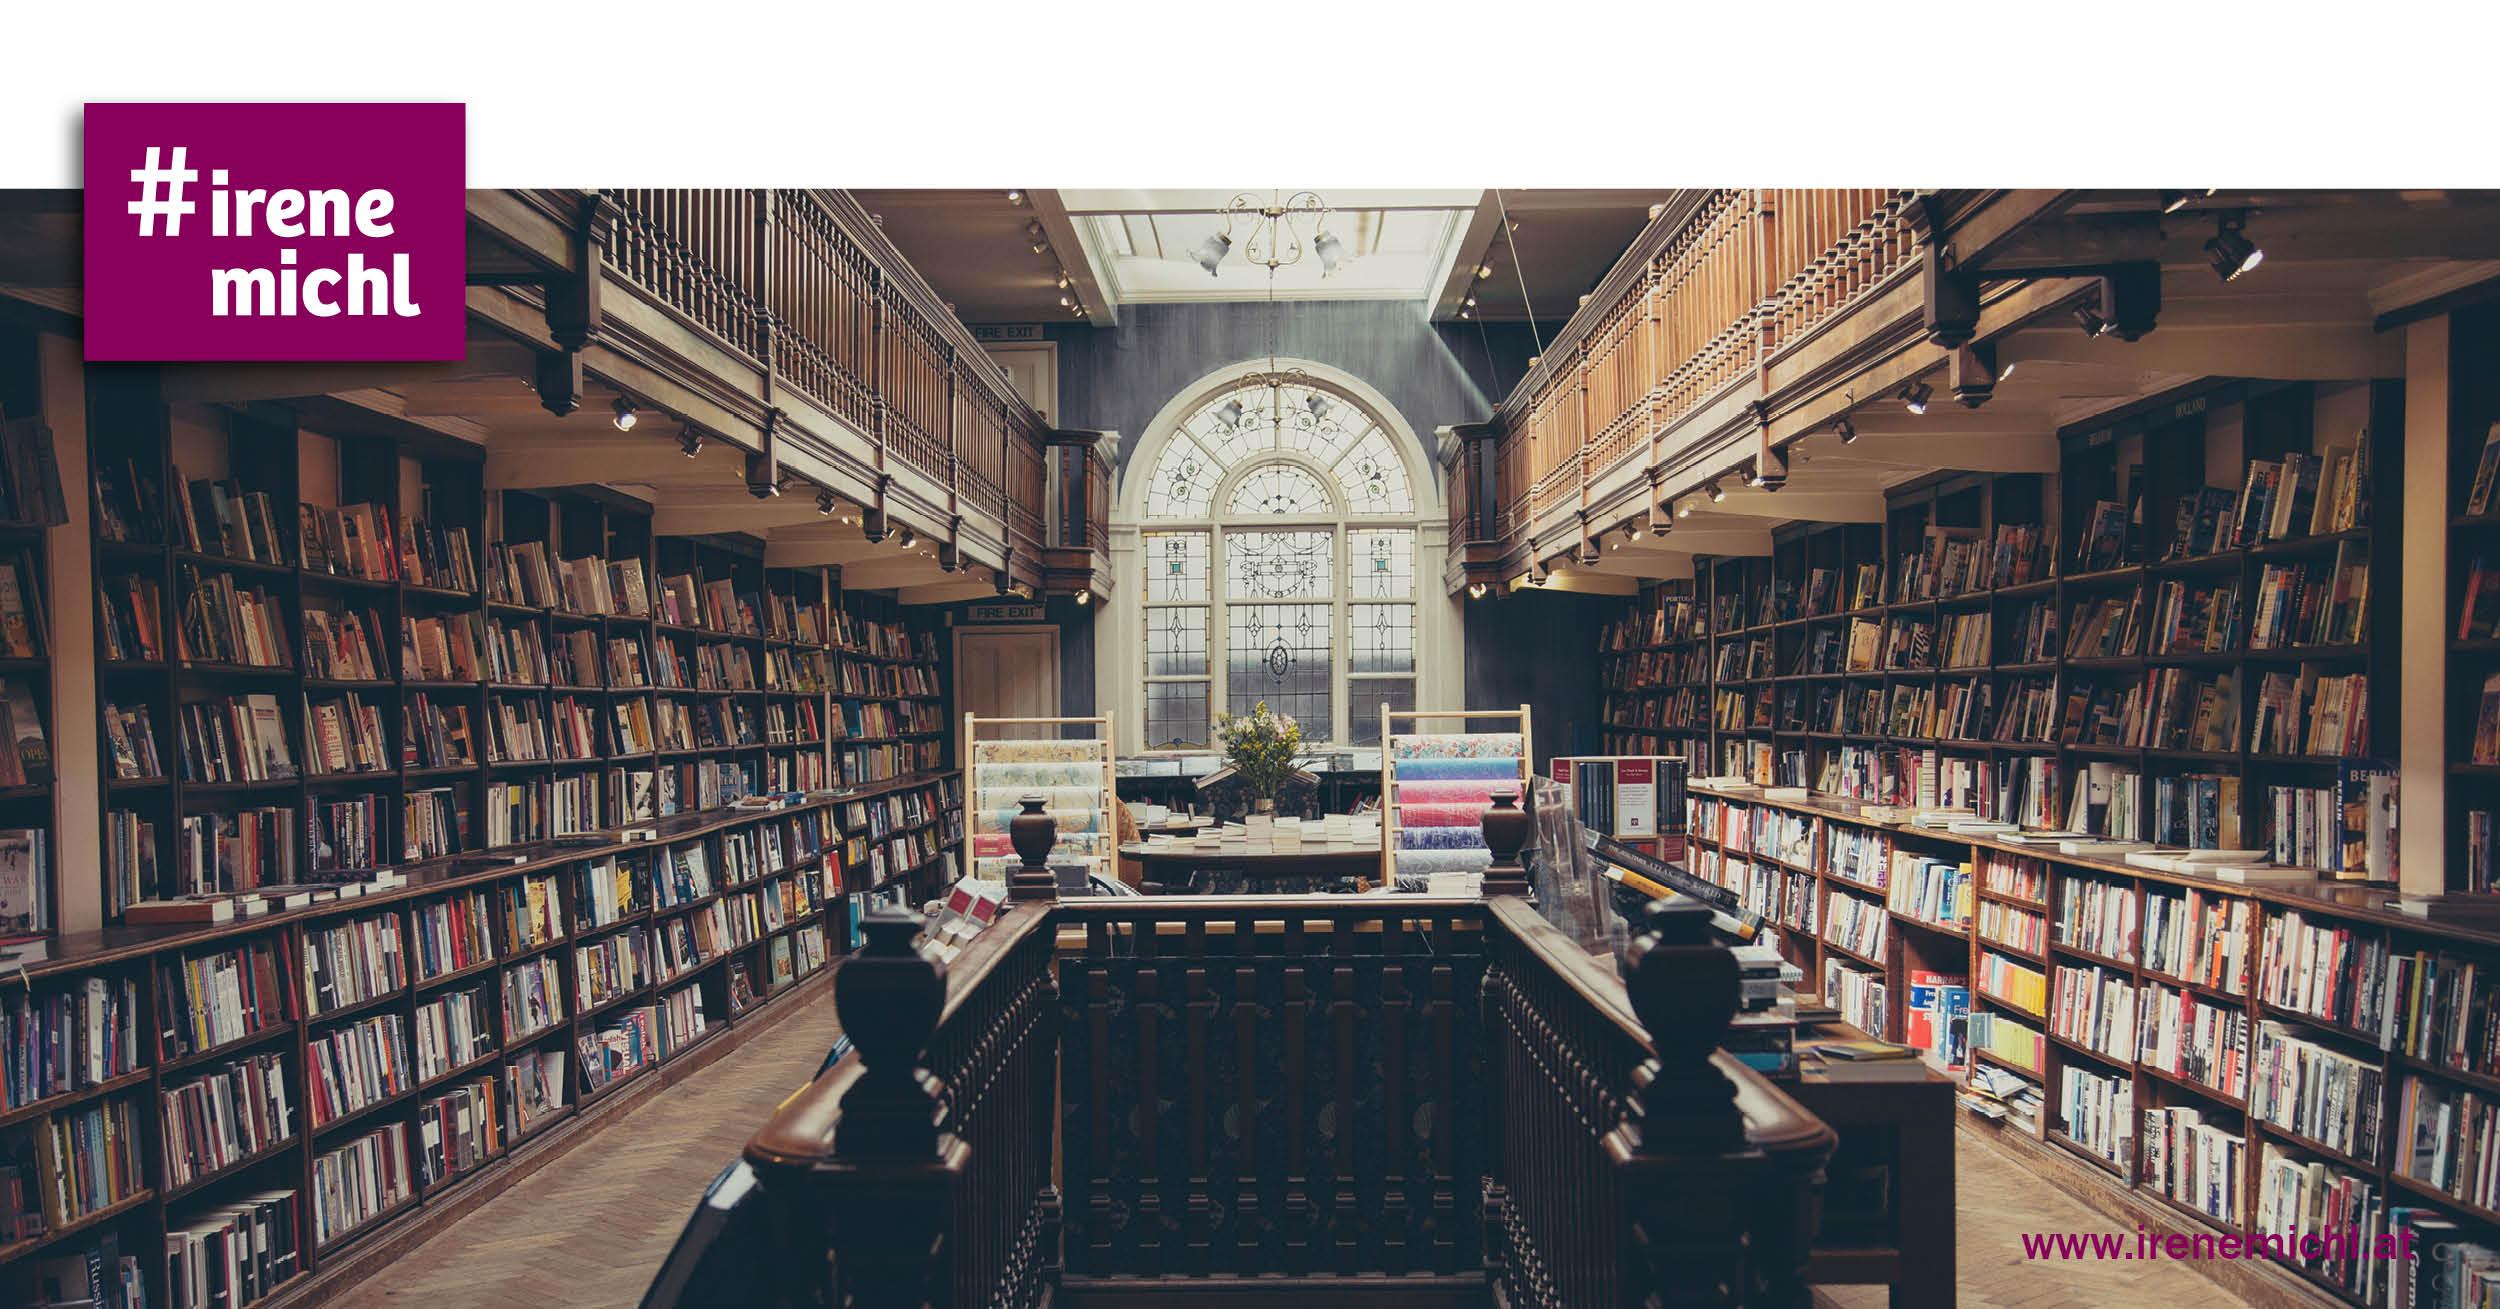 Bild einer Bibliothek